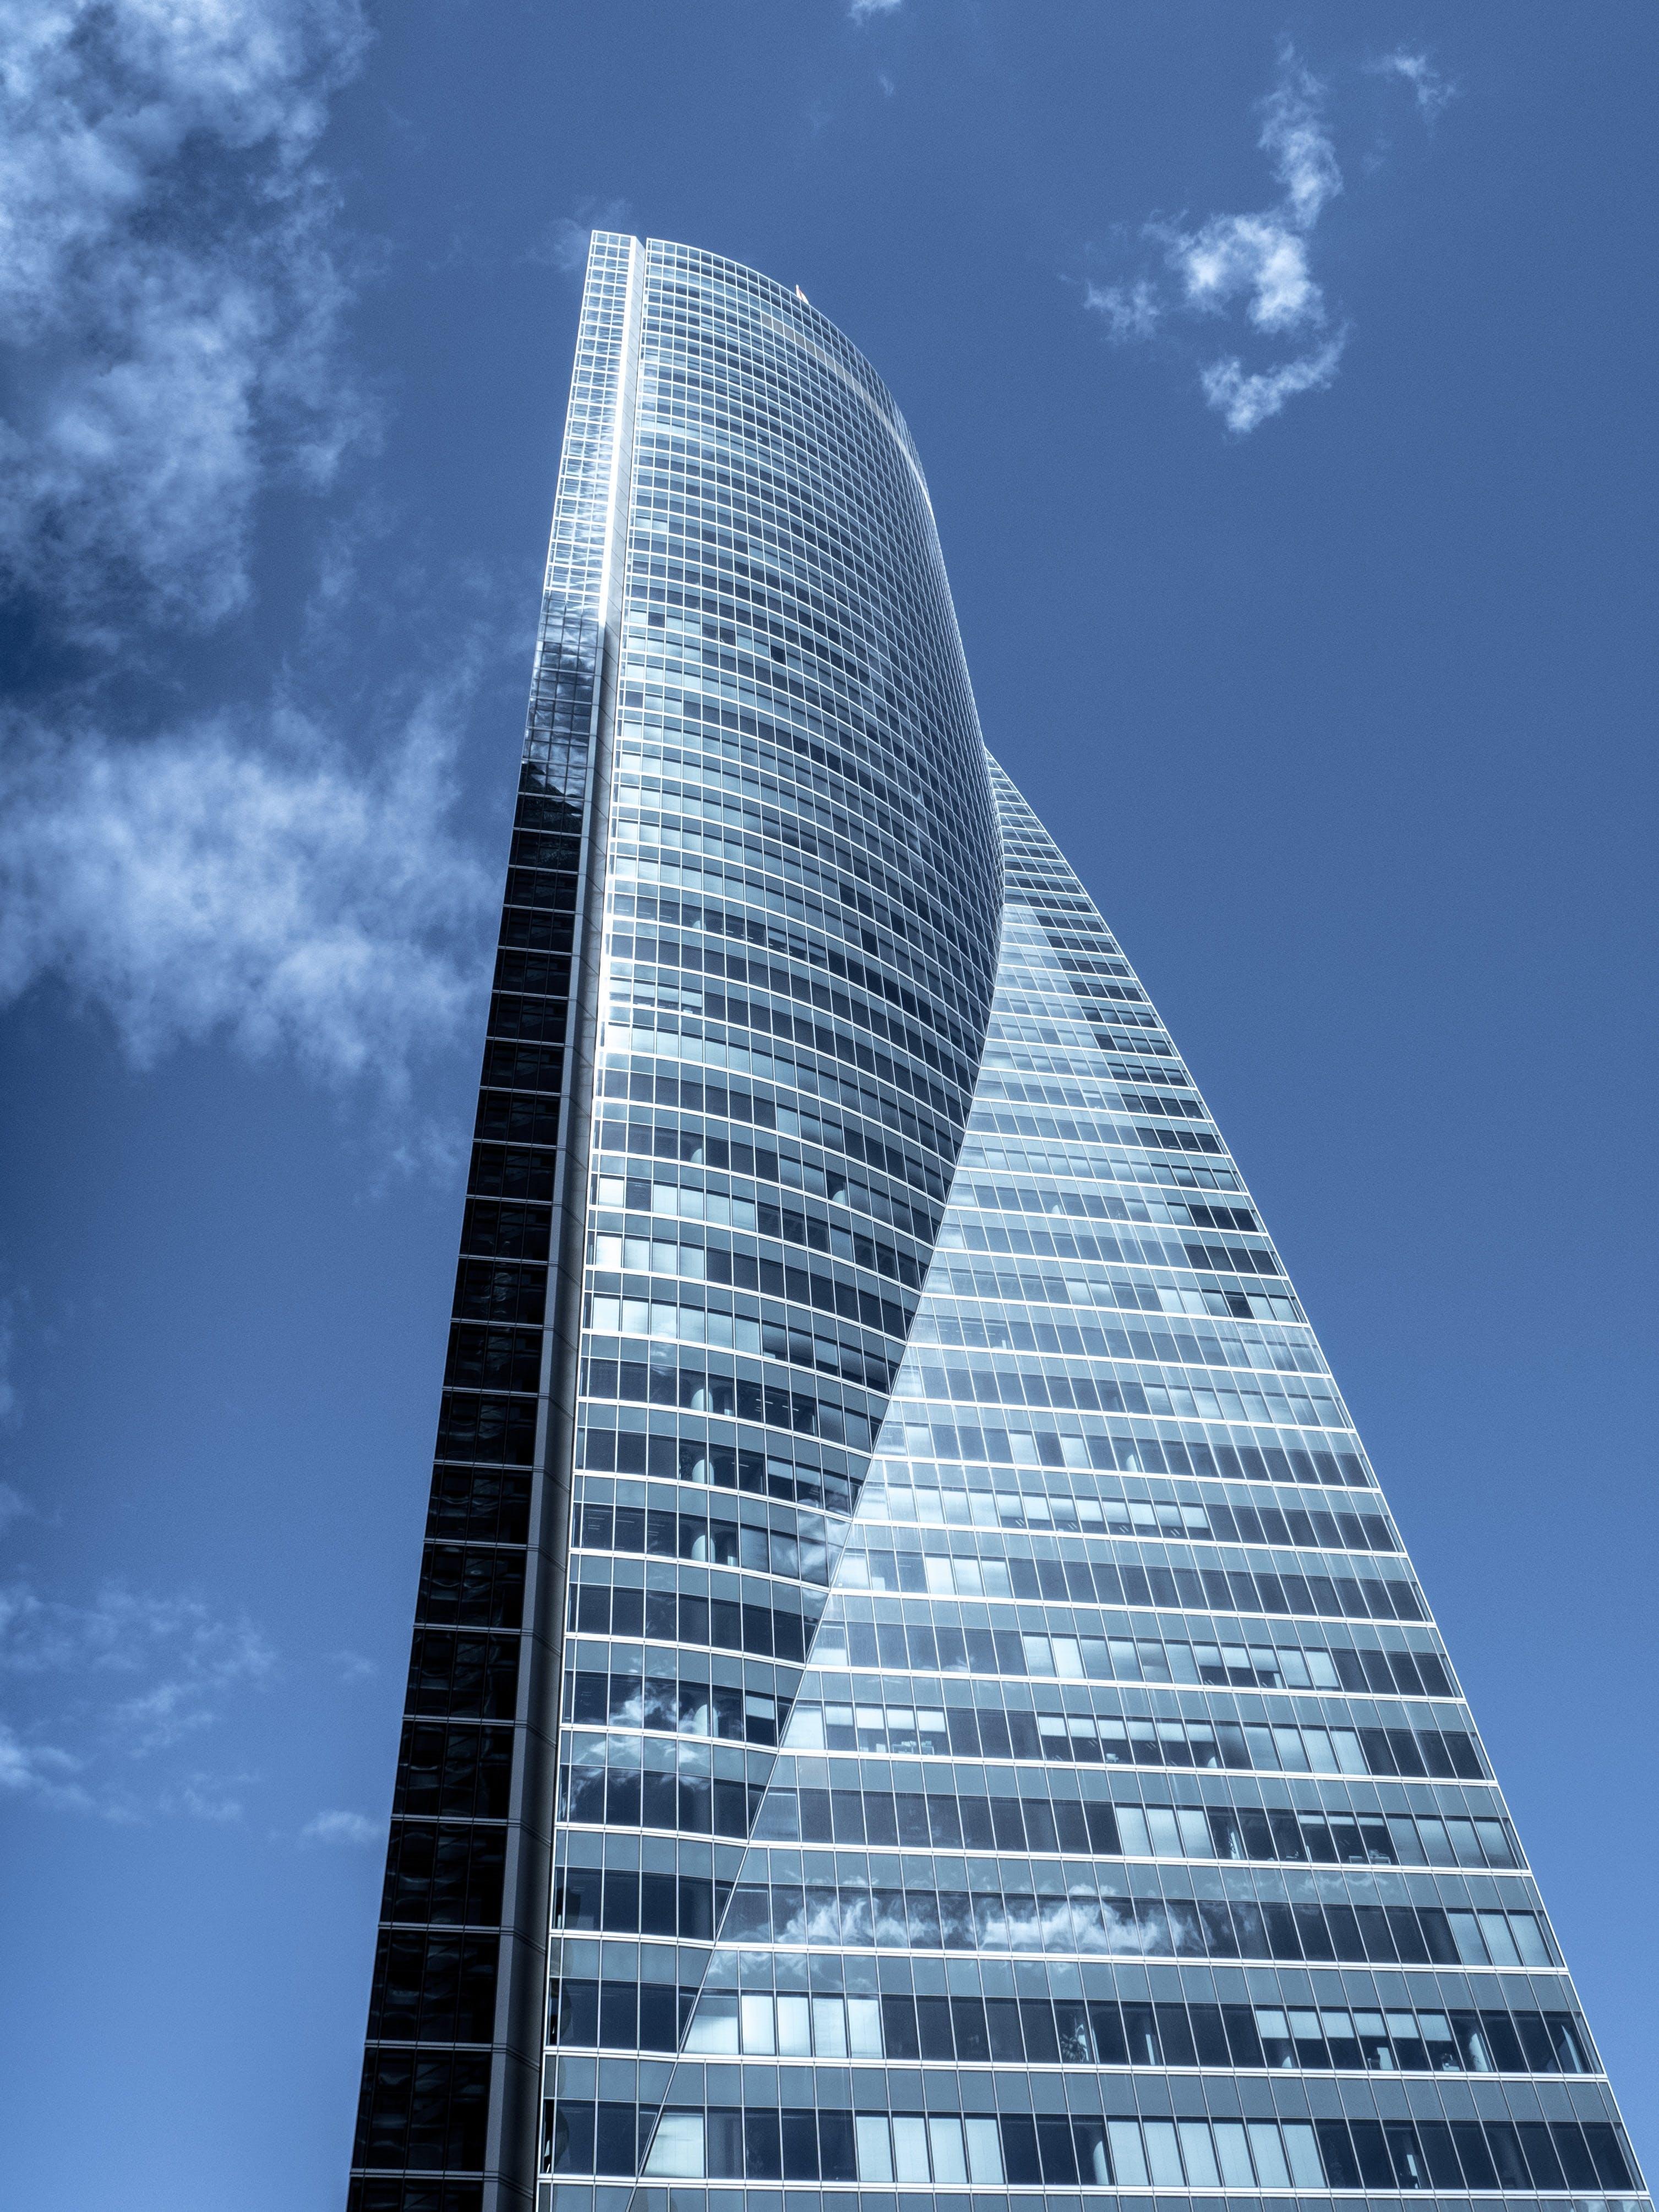 Kostenloses Stock Foto zu glas, architektur, hochhaus, perspektive